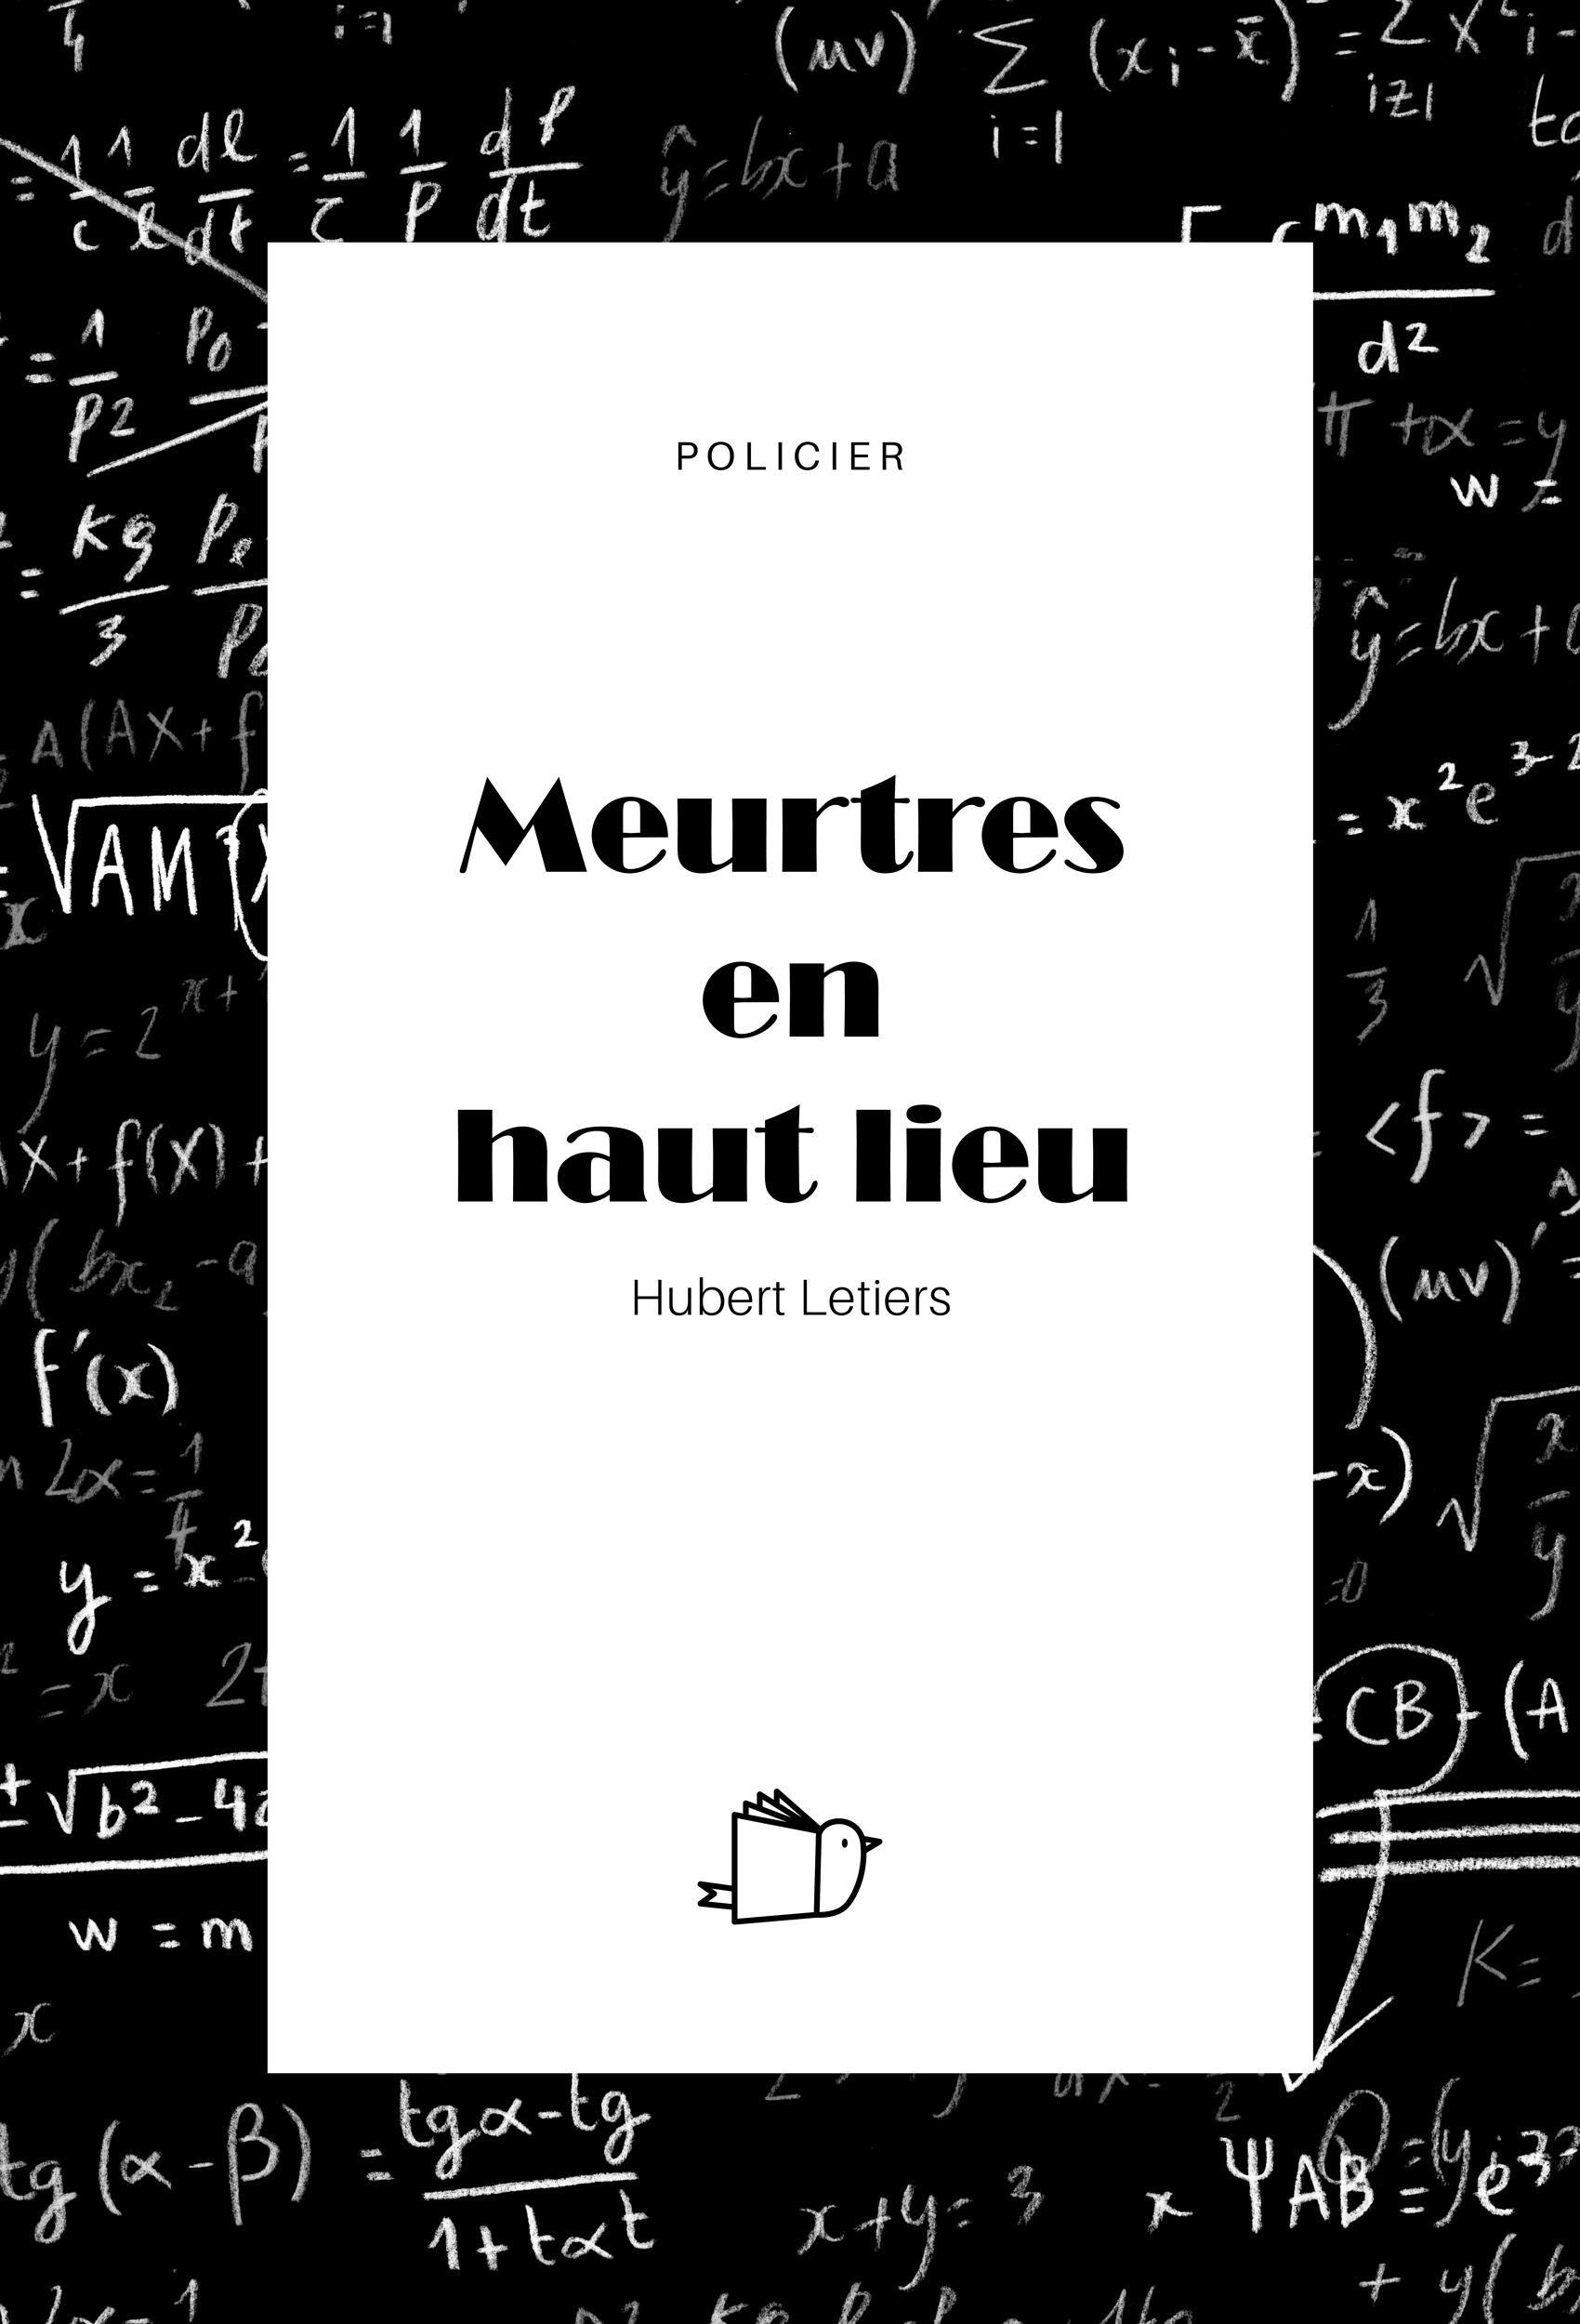 Meurtres en haut lieu, Hubert Letiers